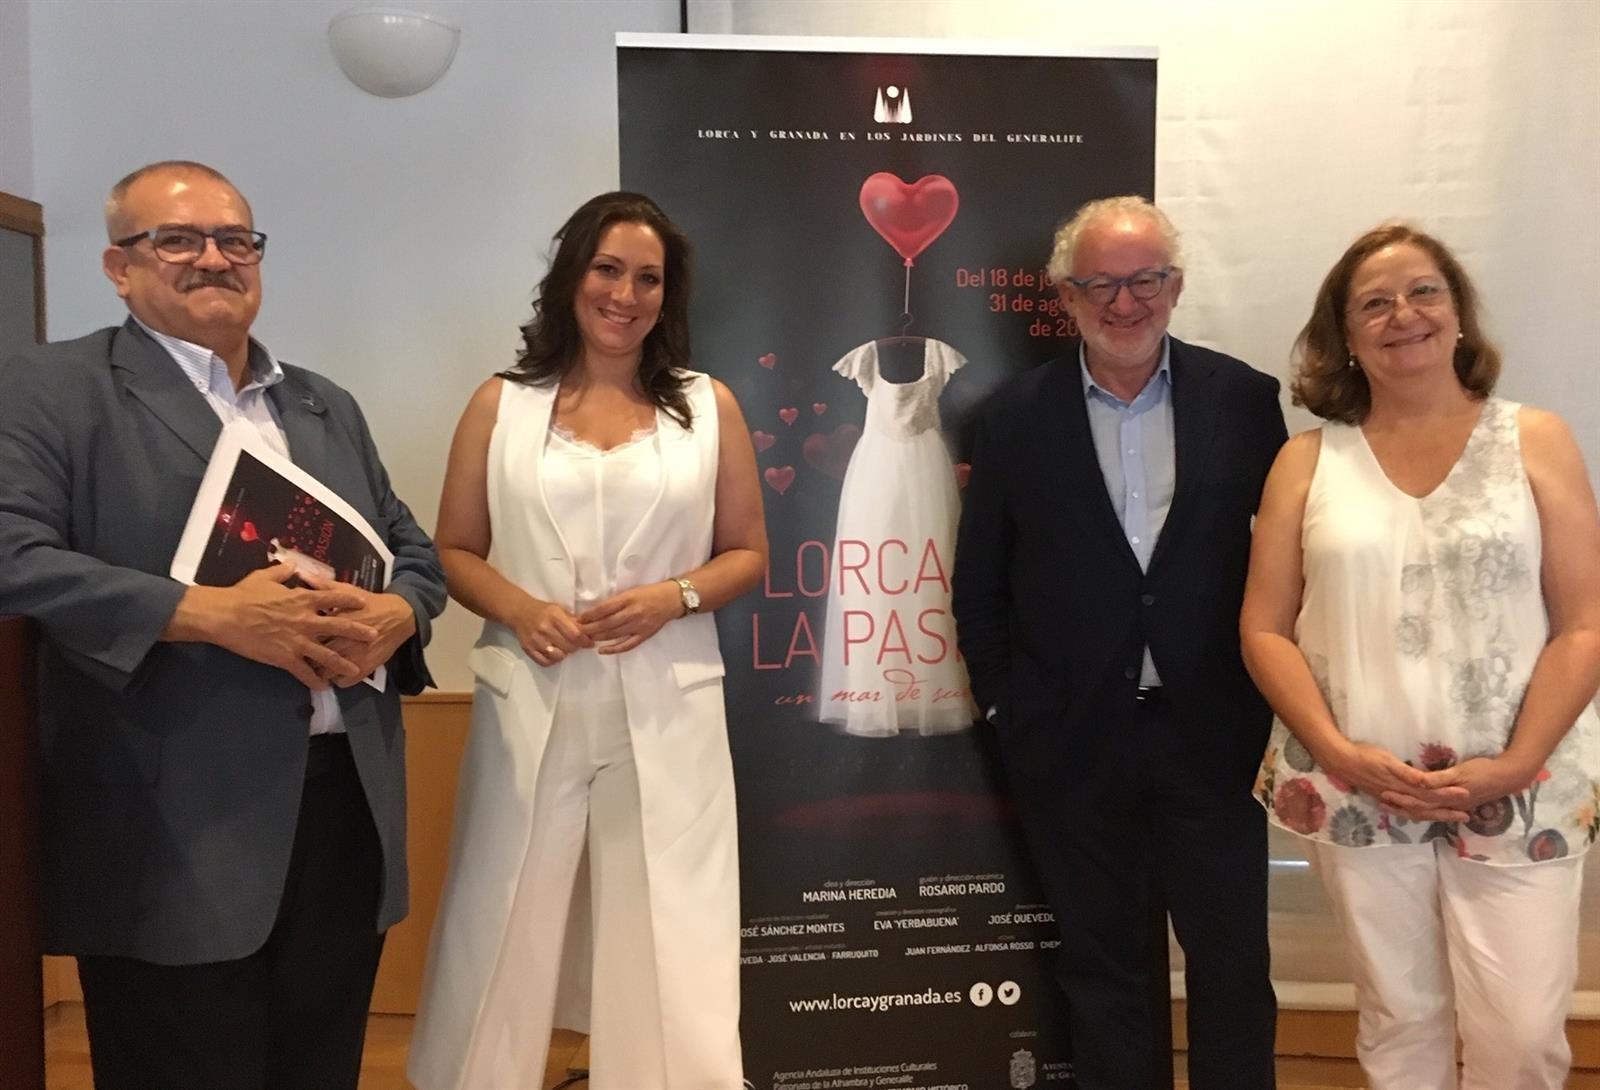 Presentan en Madrid el espectáculo 'Lorca y la pasión', que se exhibirá en La Alhambra